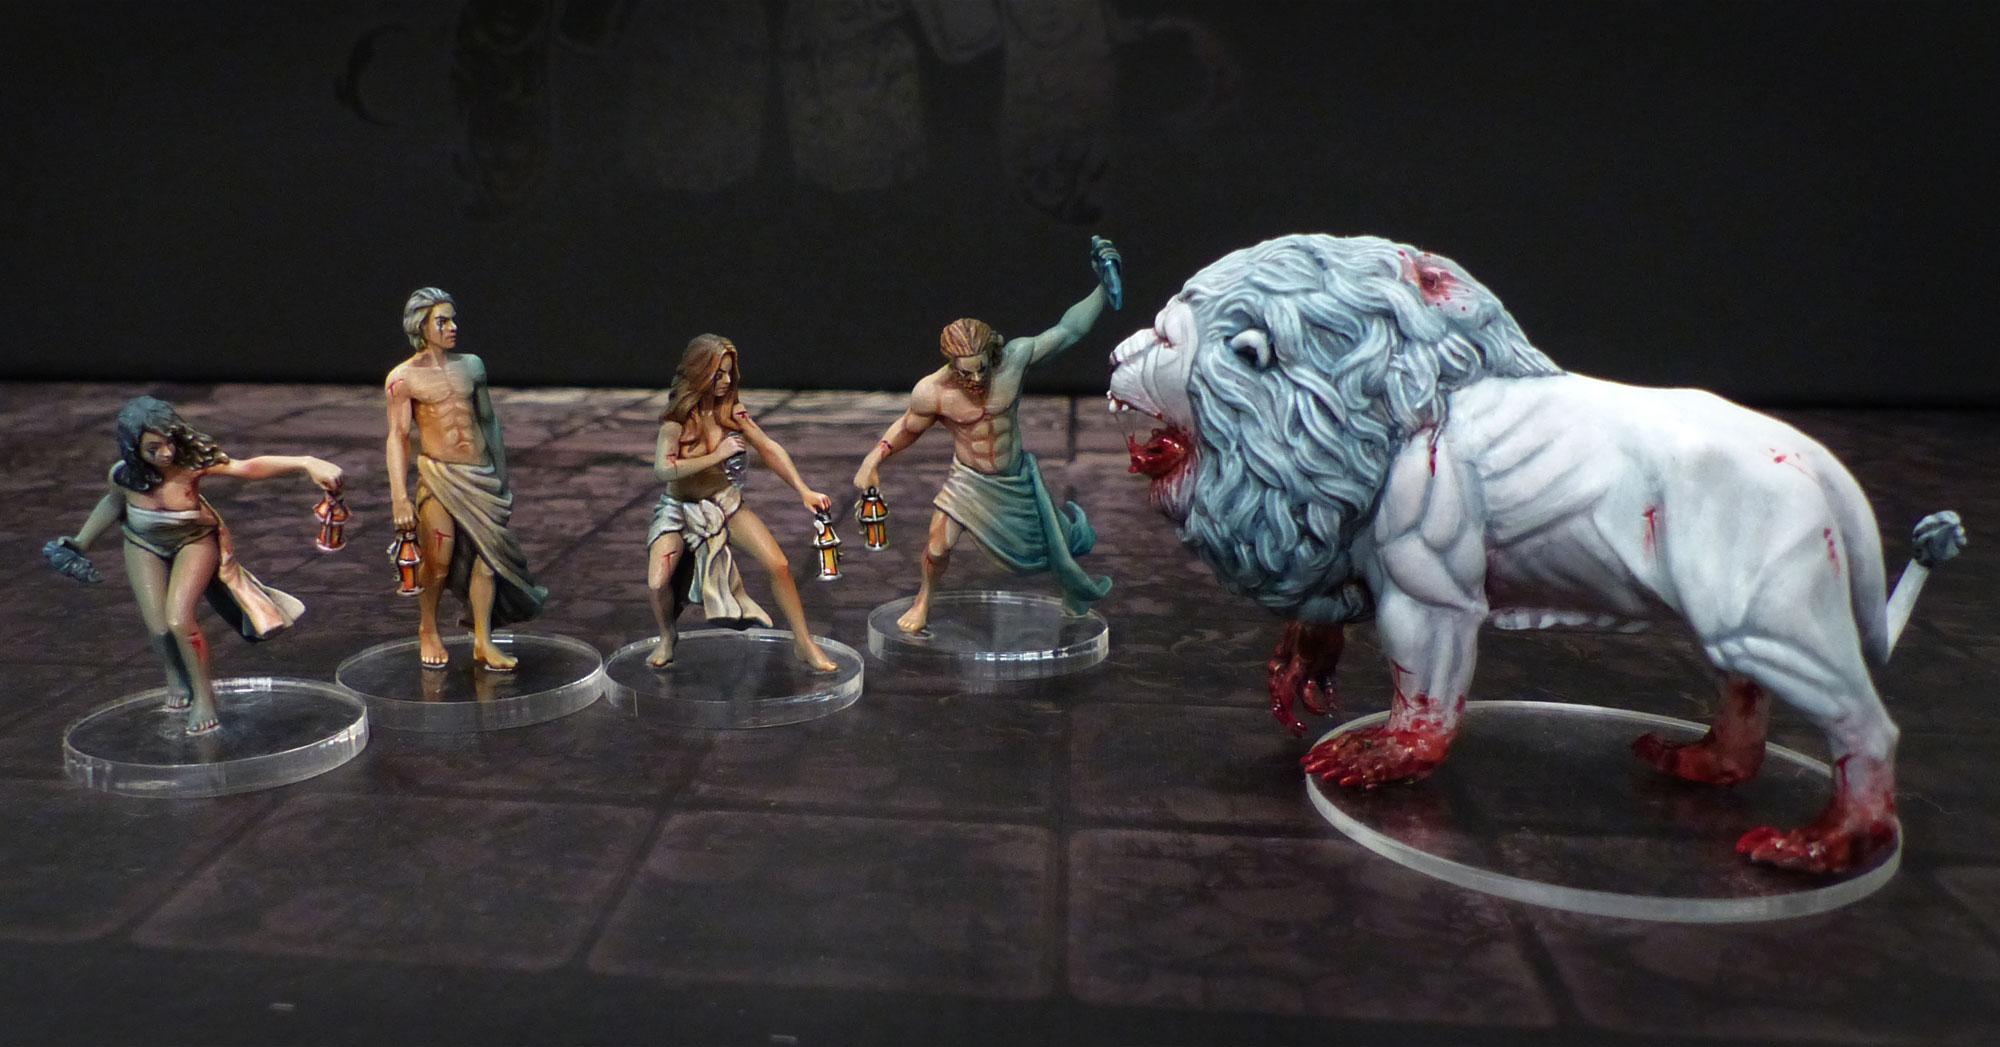 Les travaux d'Ivankaiser : ZOMBICIDE, Gohan et sa bande ! - Page 5 Kingdom-Death-Monster-1.5